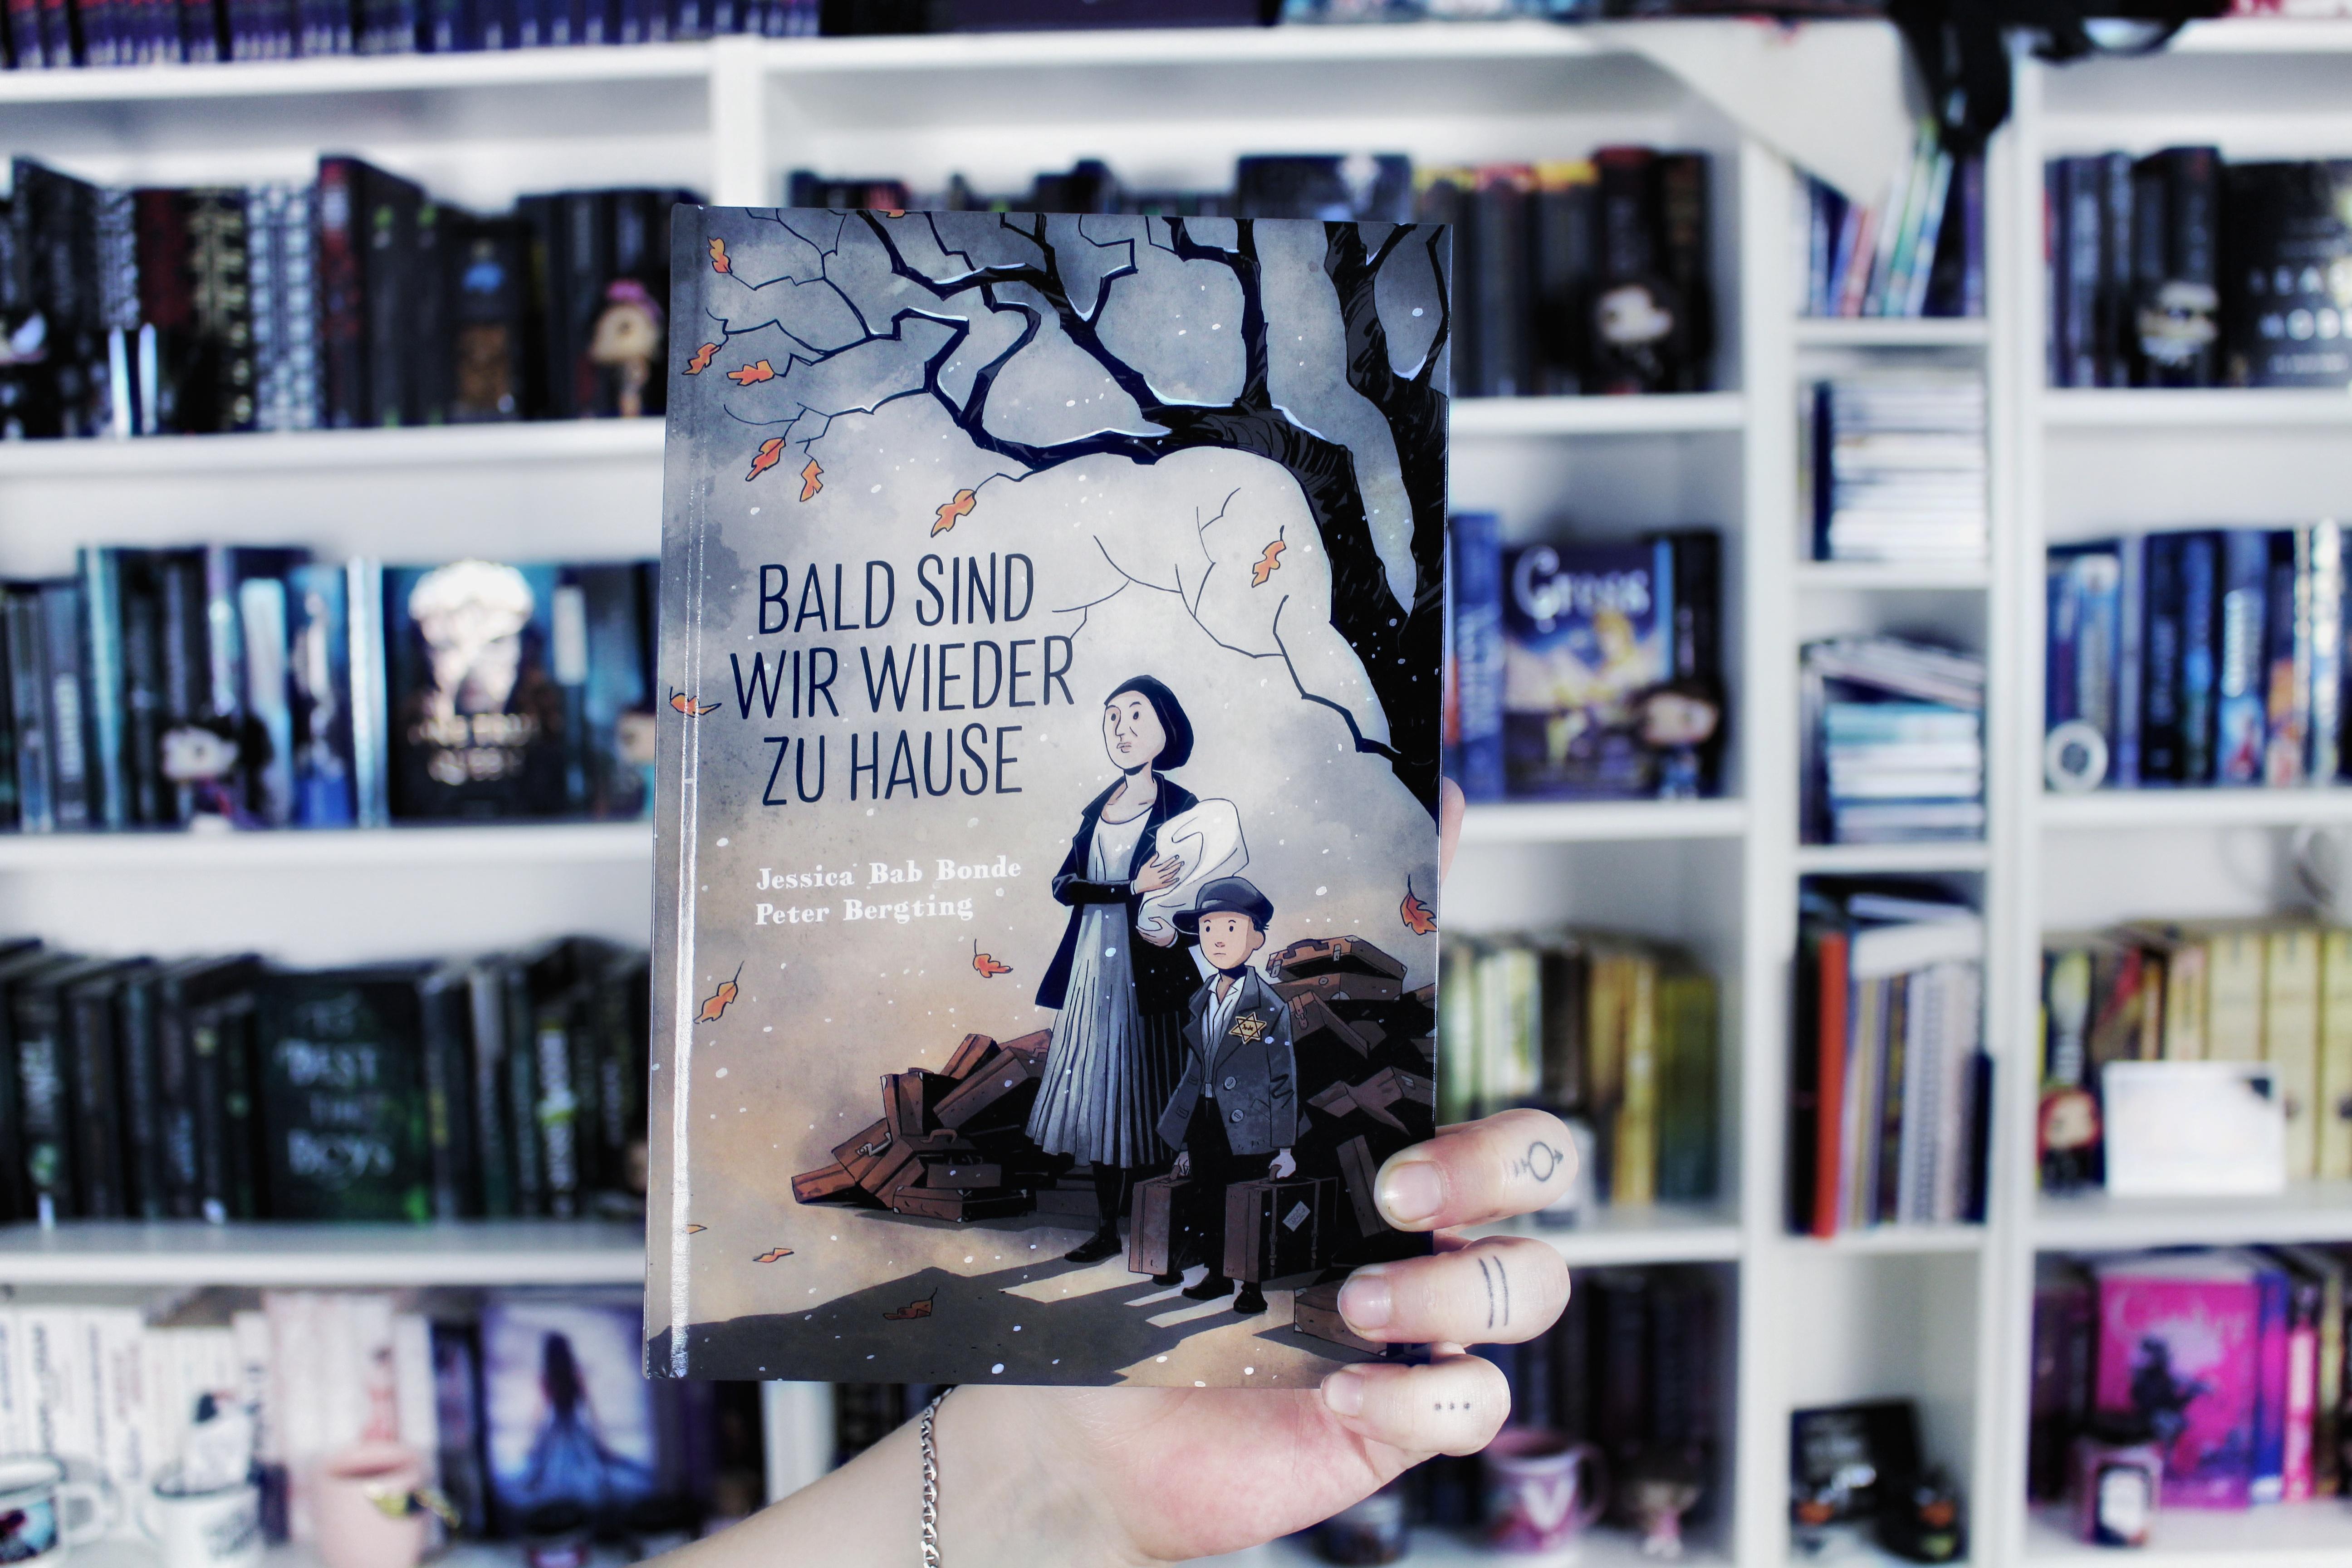 Rezension | Bald sind wir wieder zu Hause von Jessica Bab Bonde & Peter Bergting